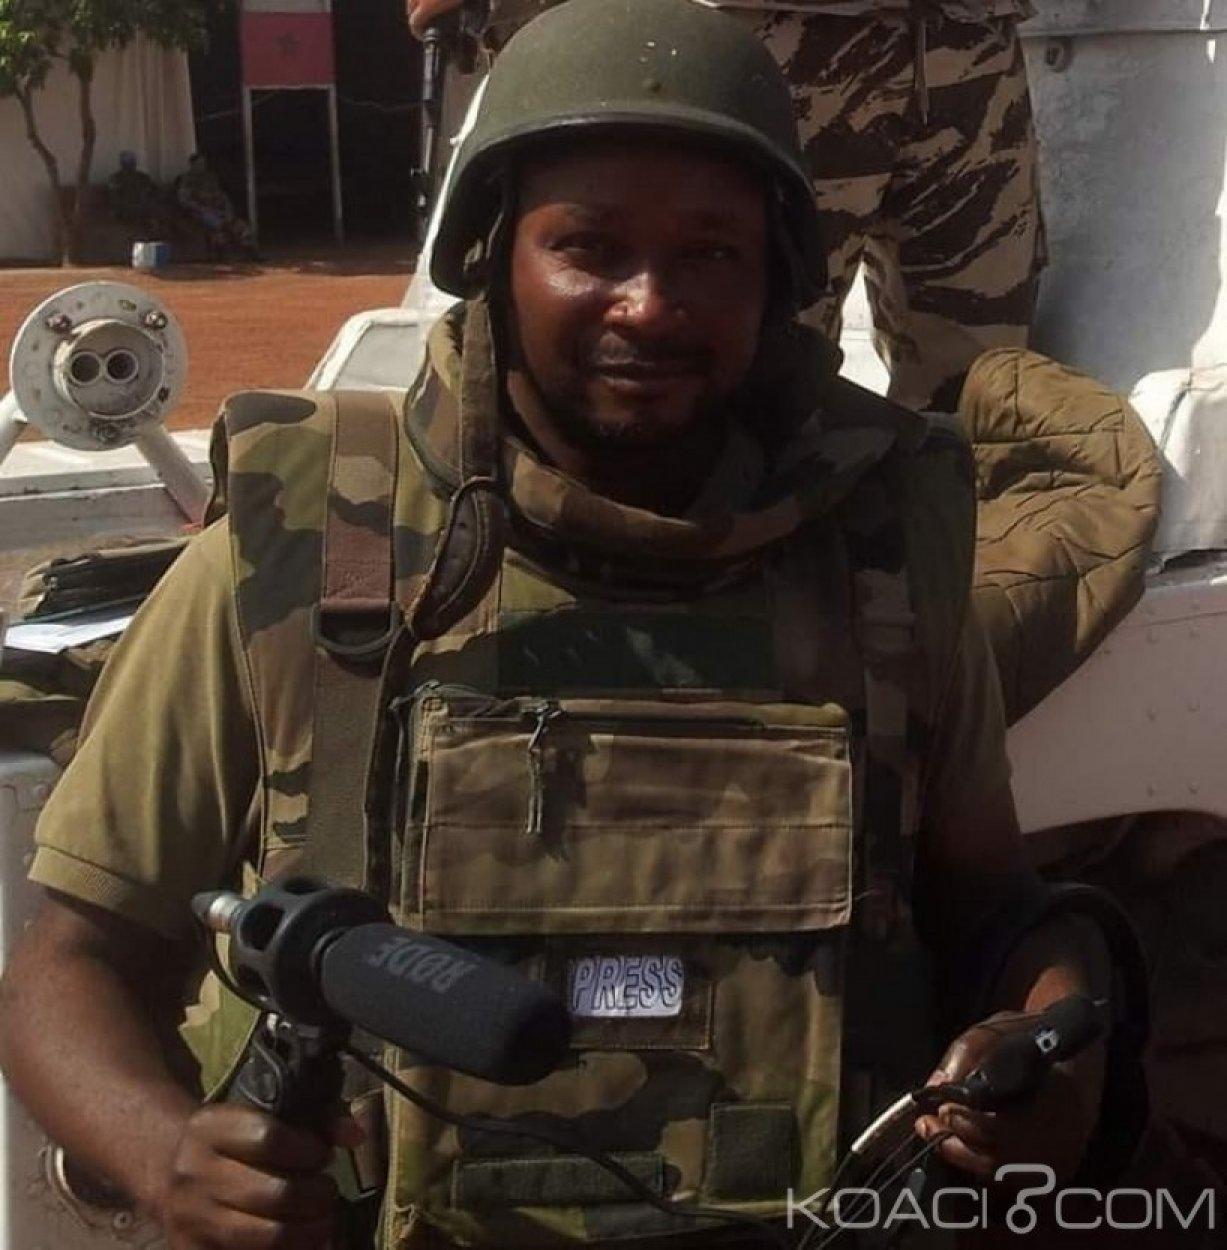 Côte d'Ivoire : Crise ivoirienne, «Duékoué, la vérité interdite », Saint-Tra Bi raconte dans son livre les violences à l'Ouest du pays